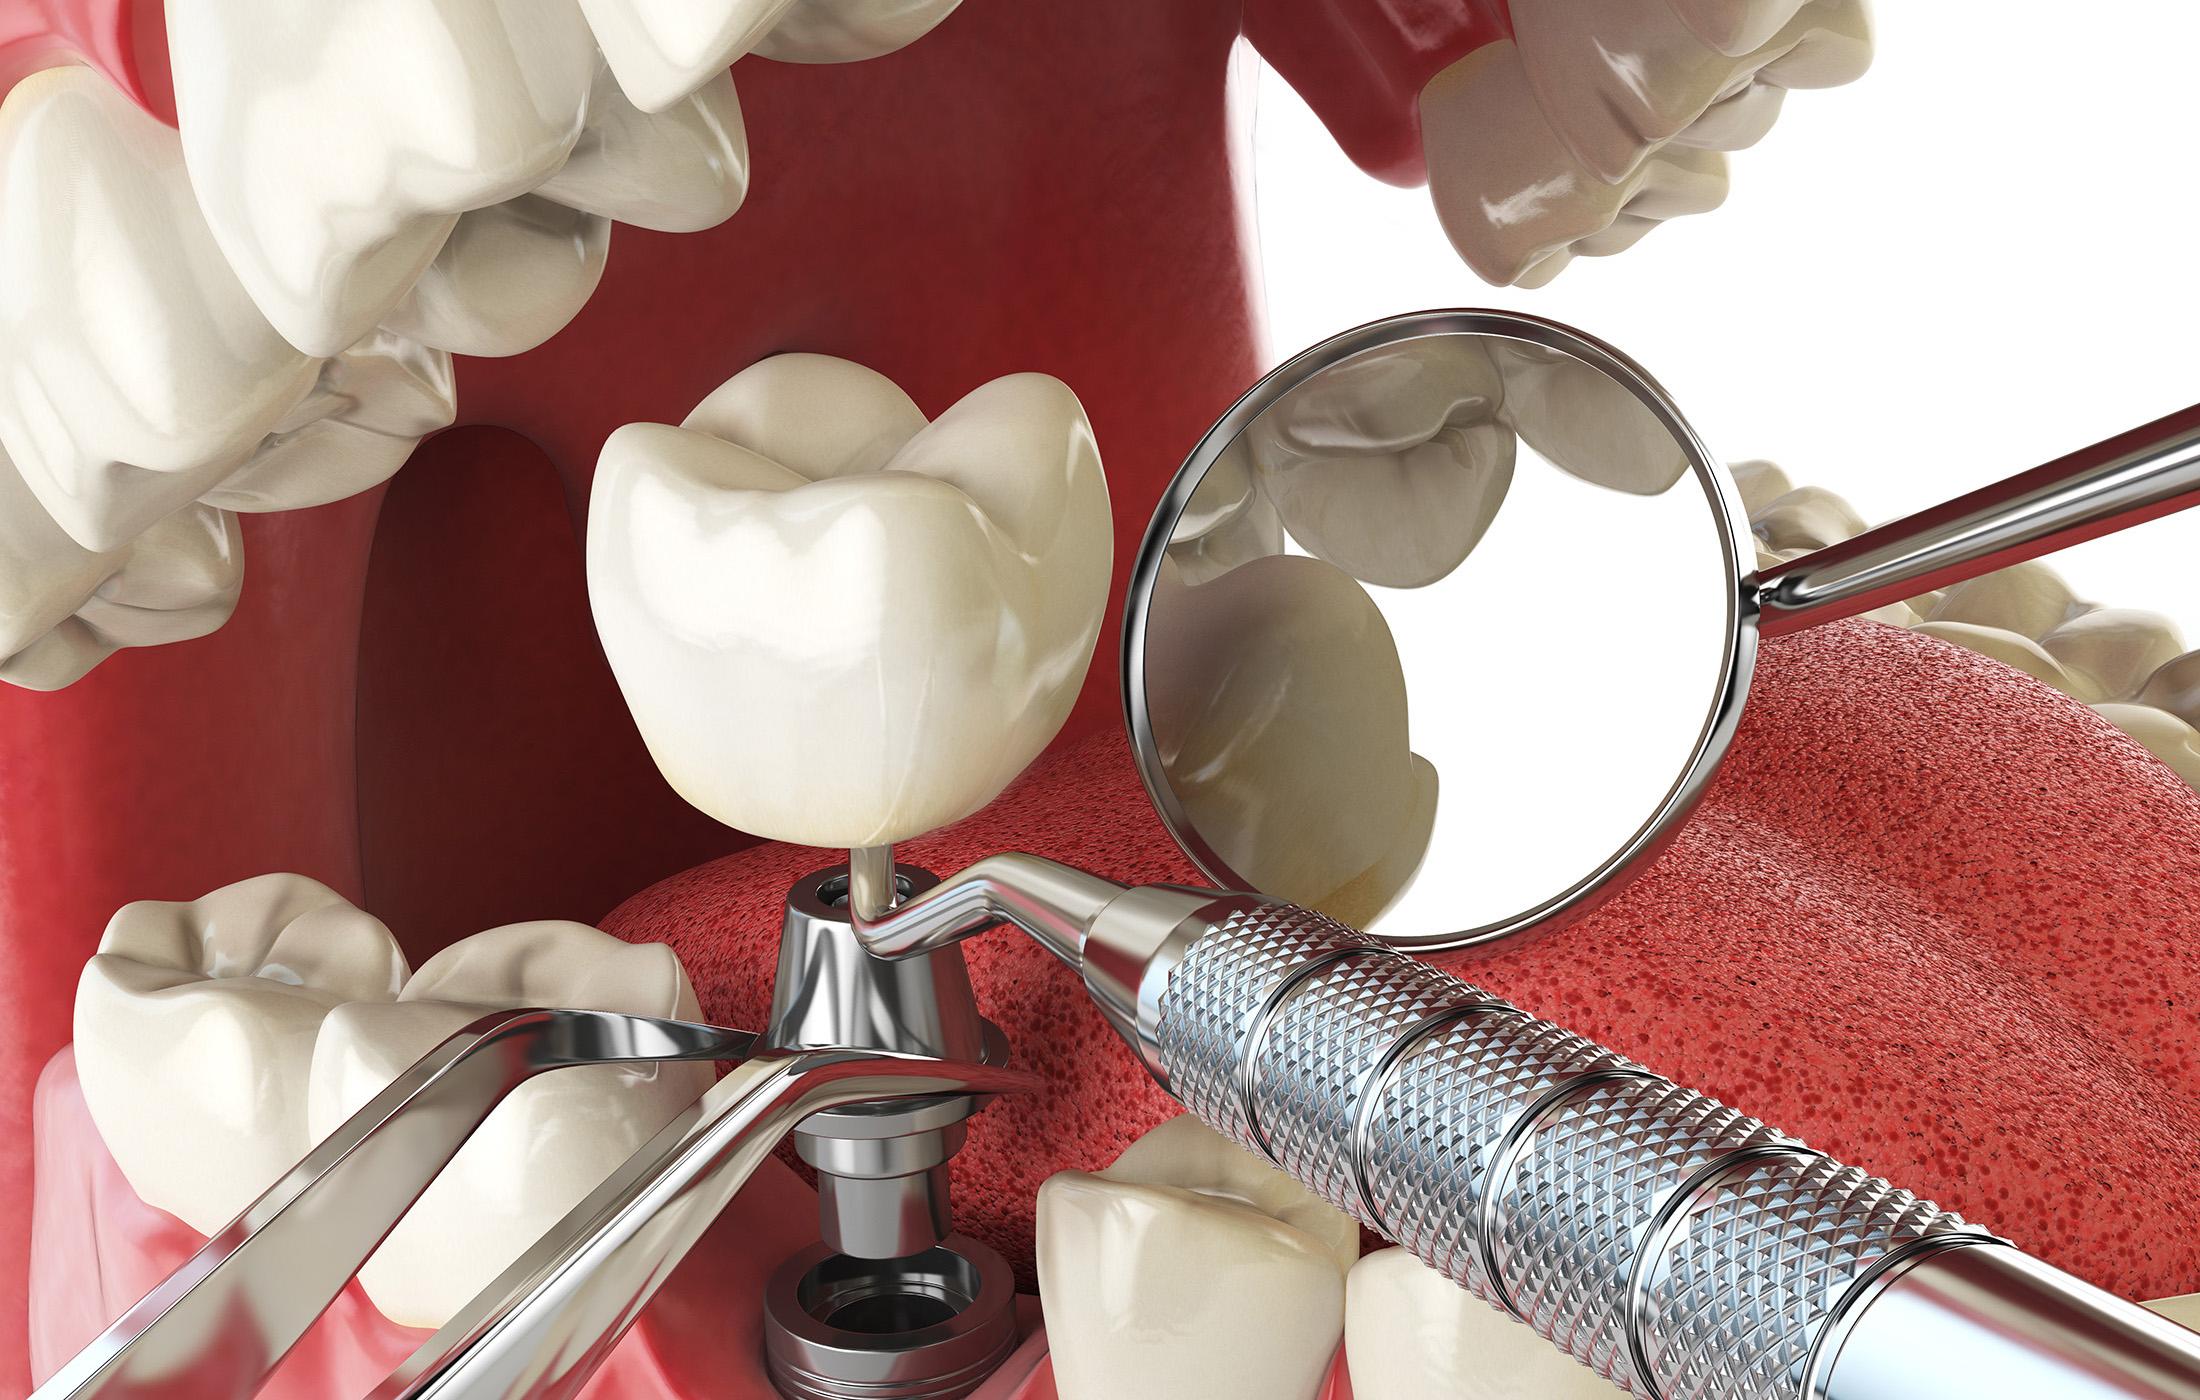 dental-implants-castle-rock